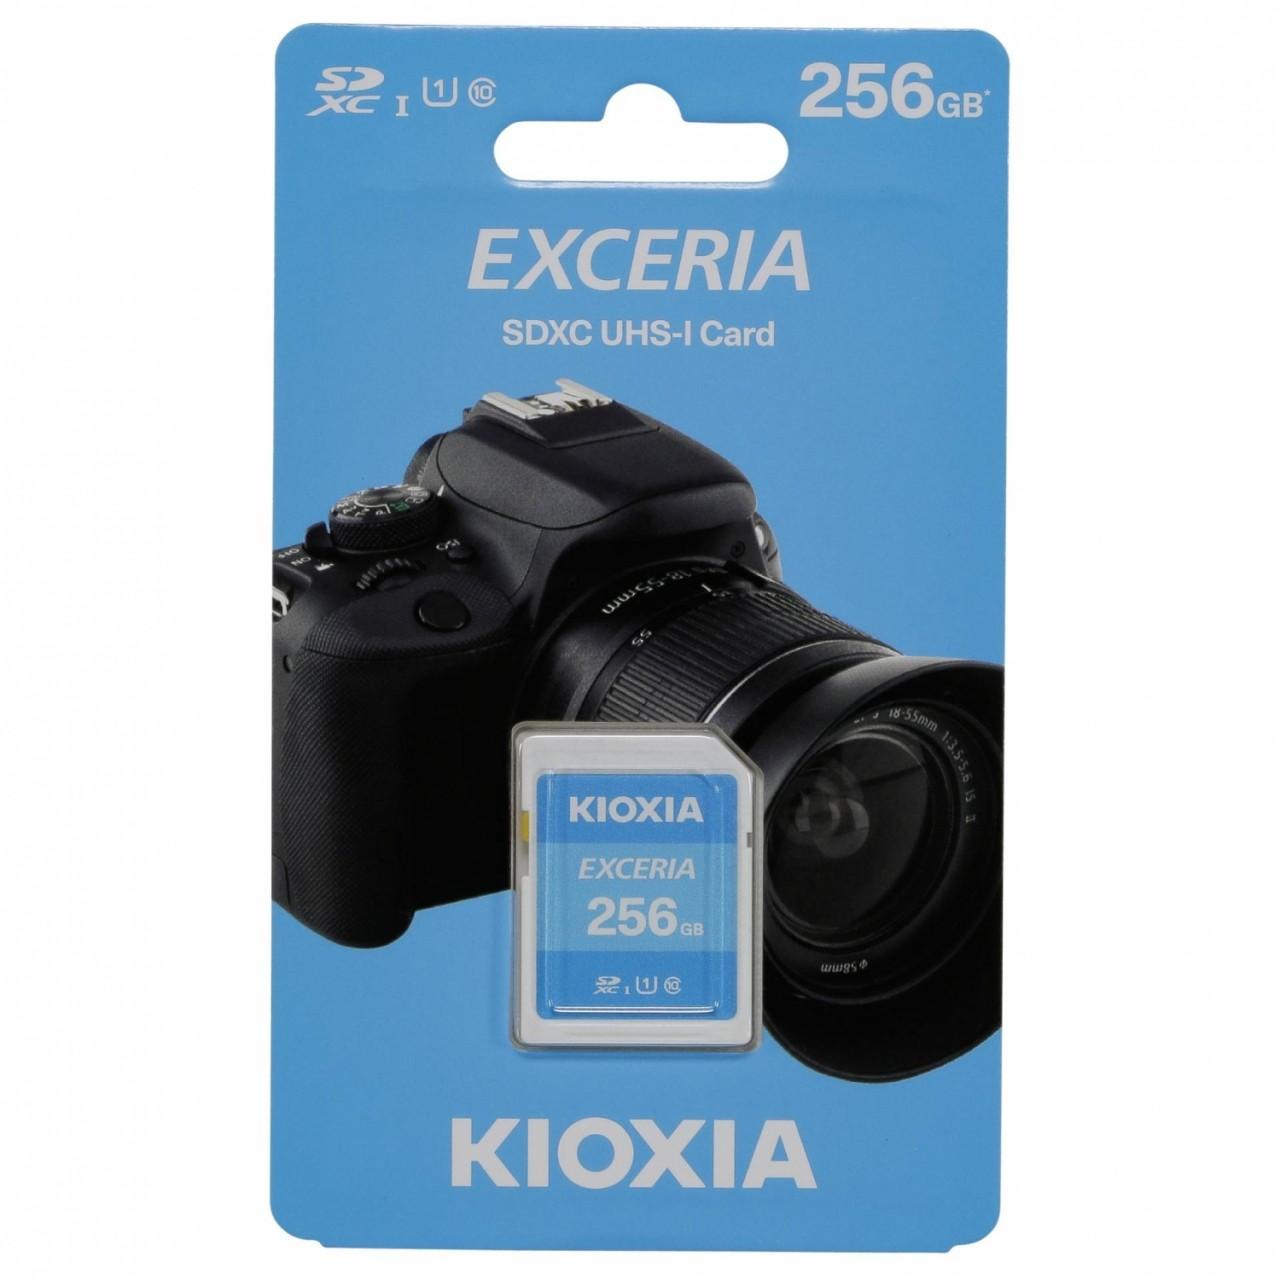 Kioxia Exceria SDXC 256GB Class 10 UHS-1